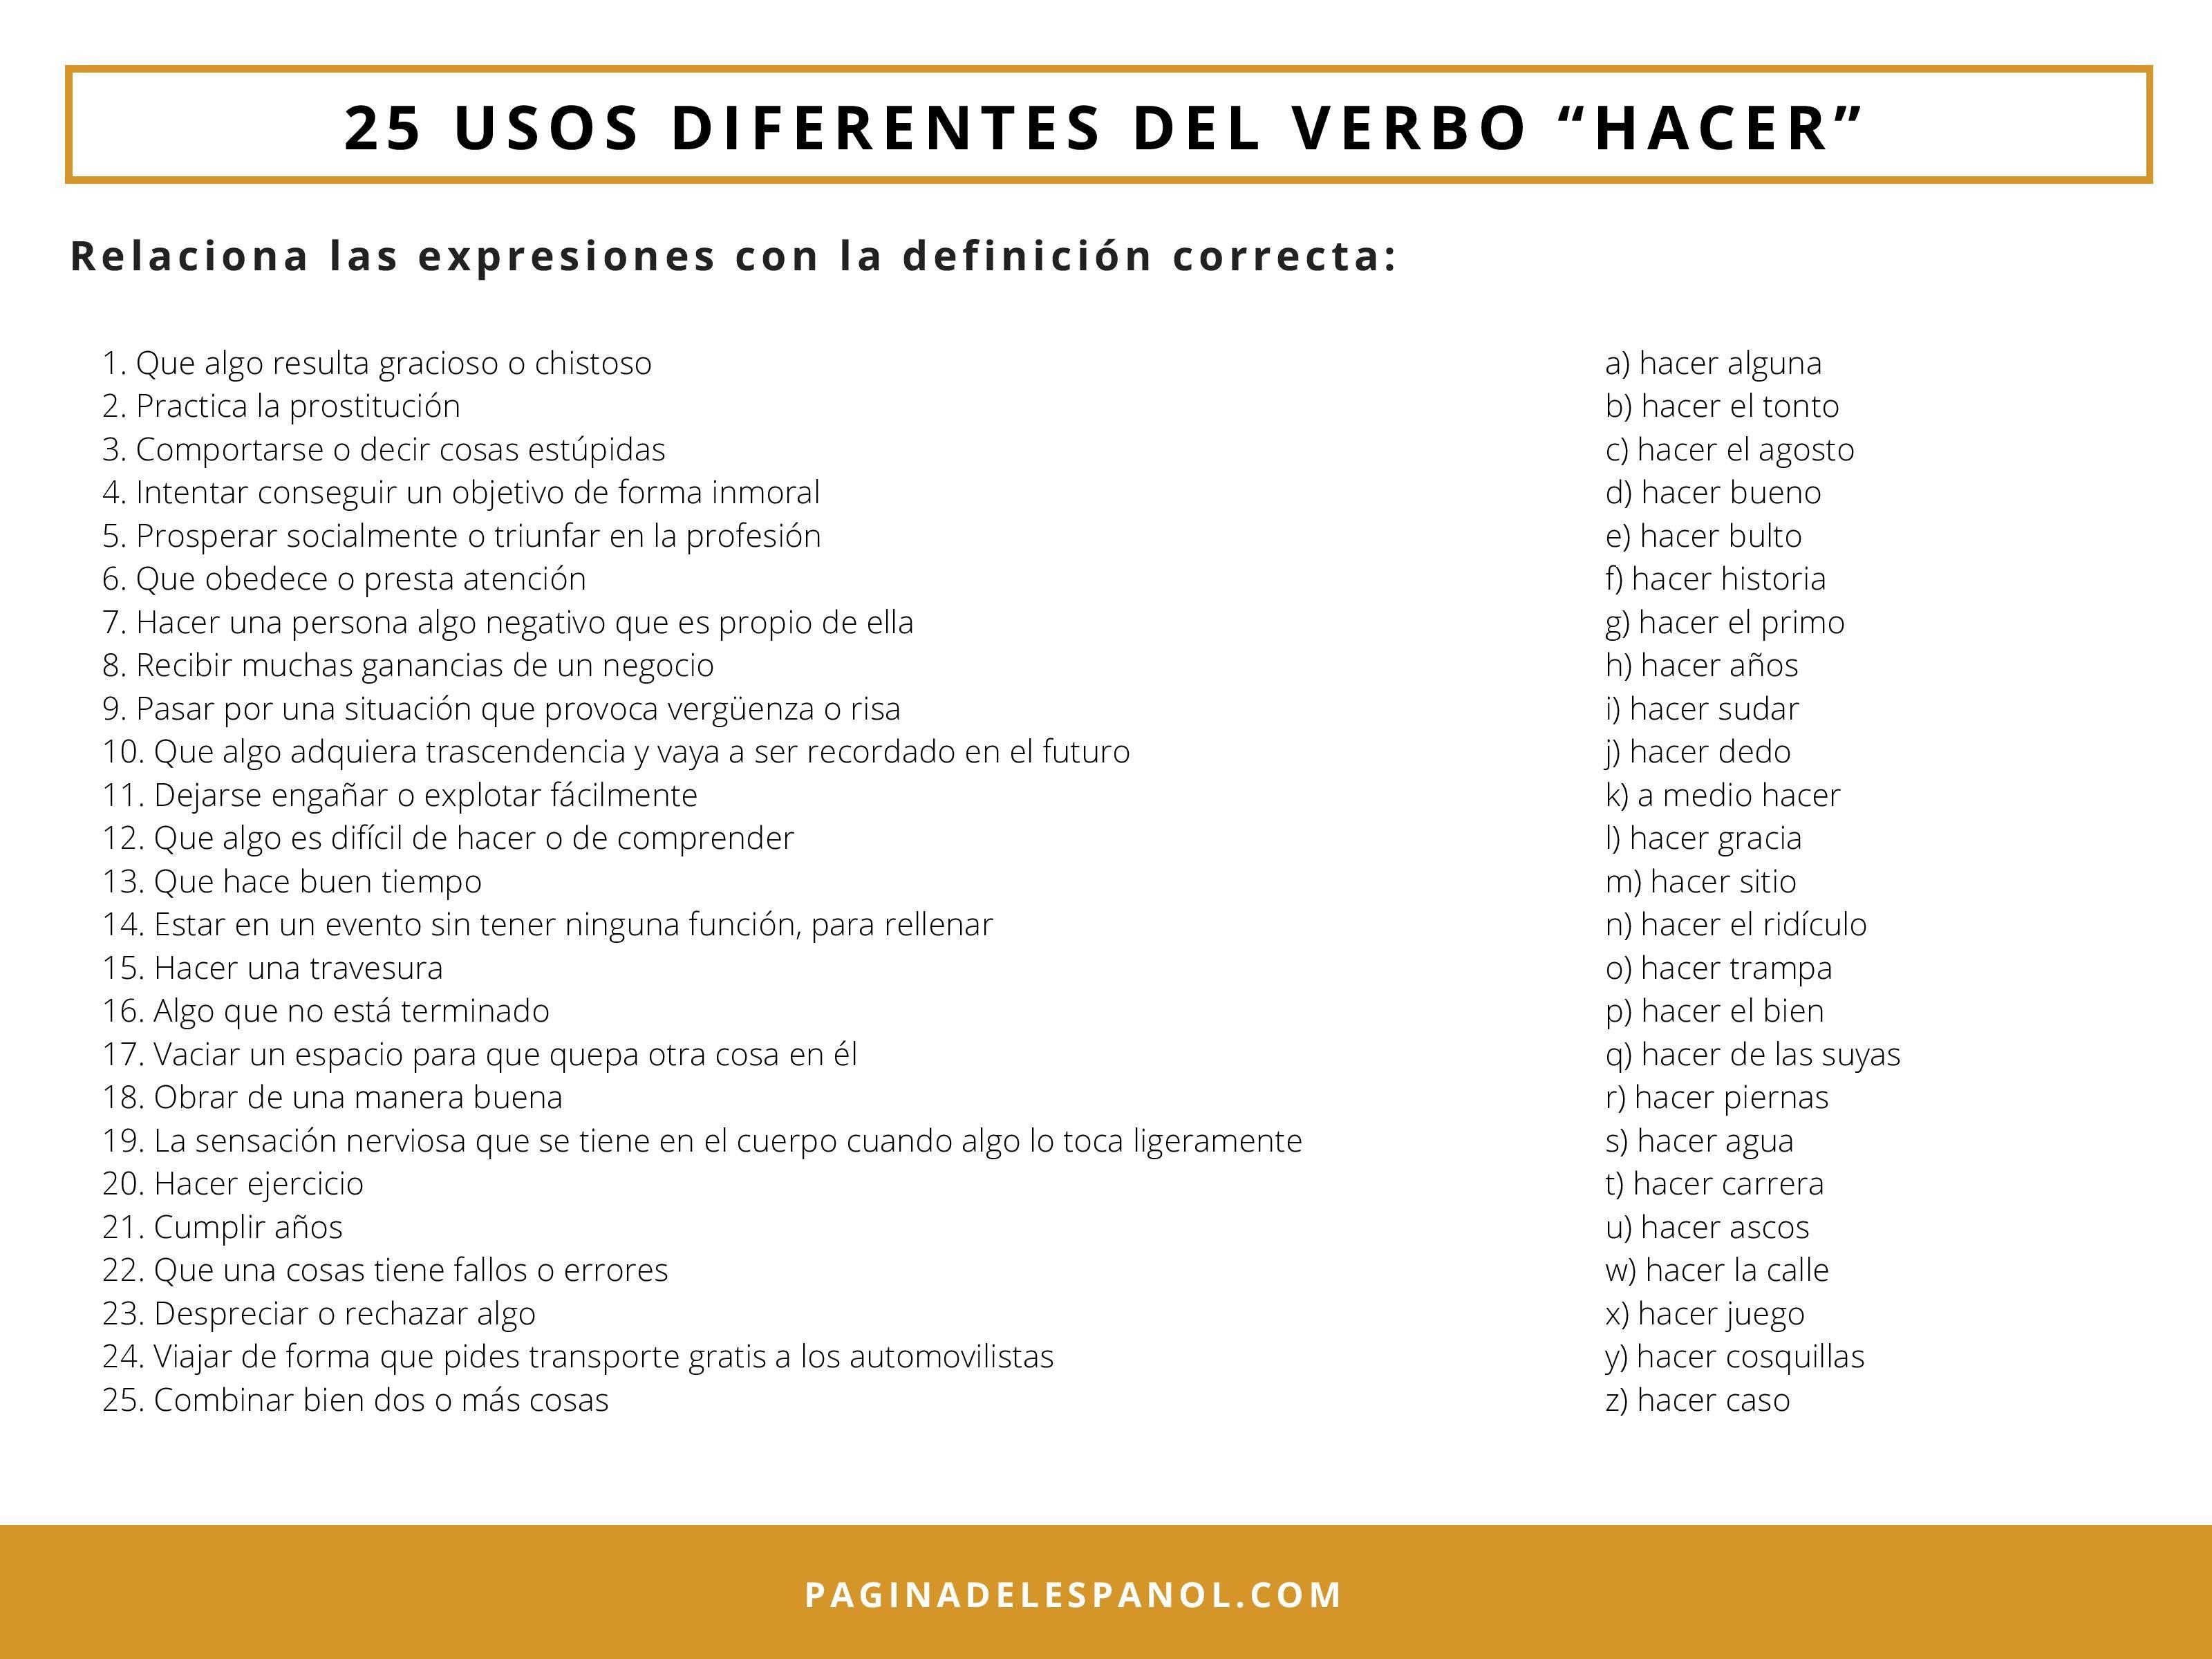 25 Usos Diferentes Del Verbo Hacer